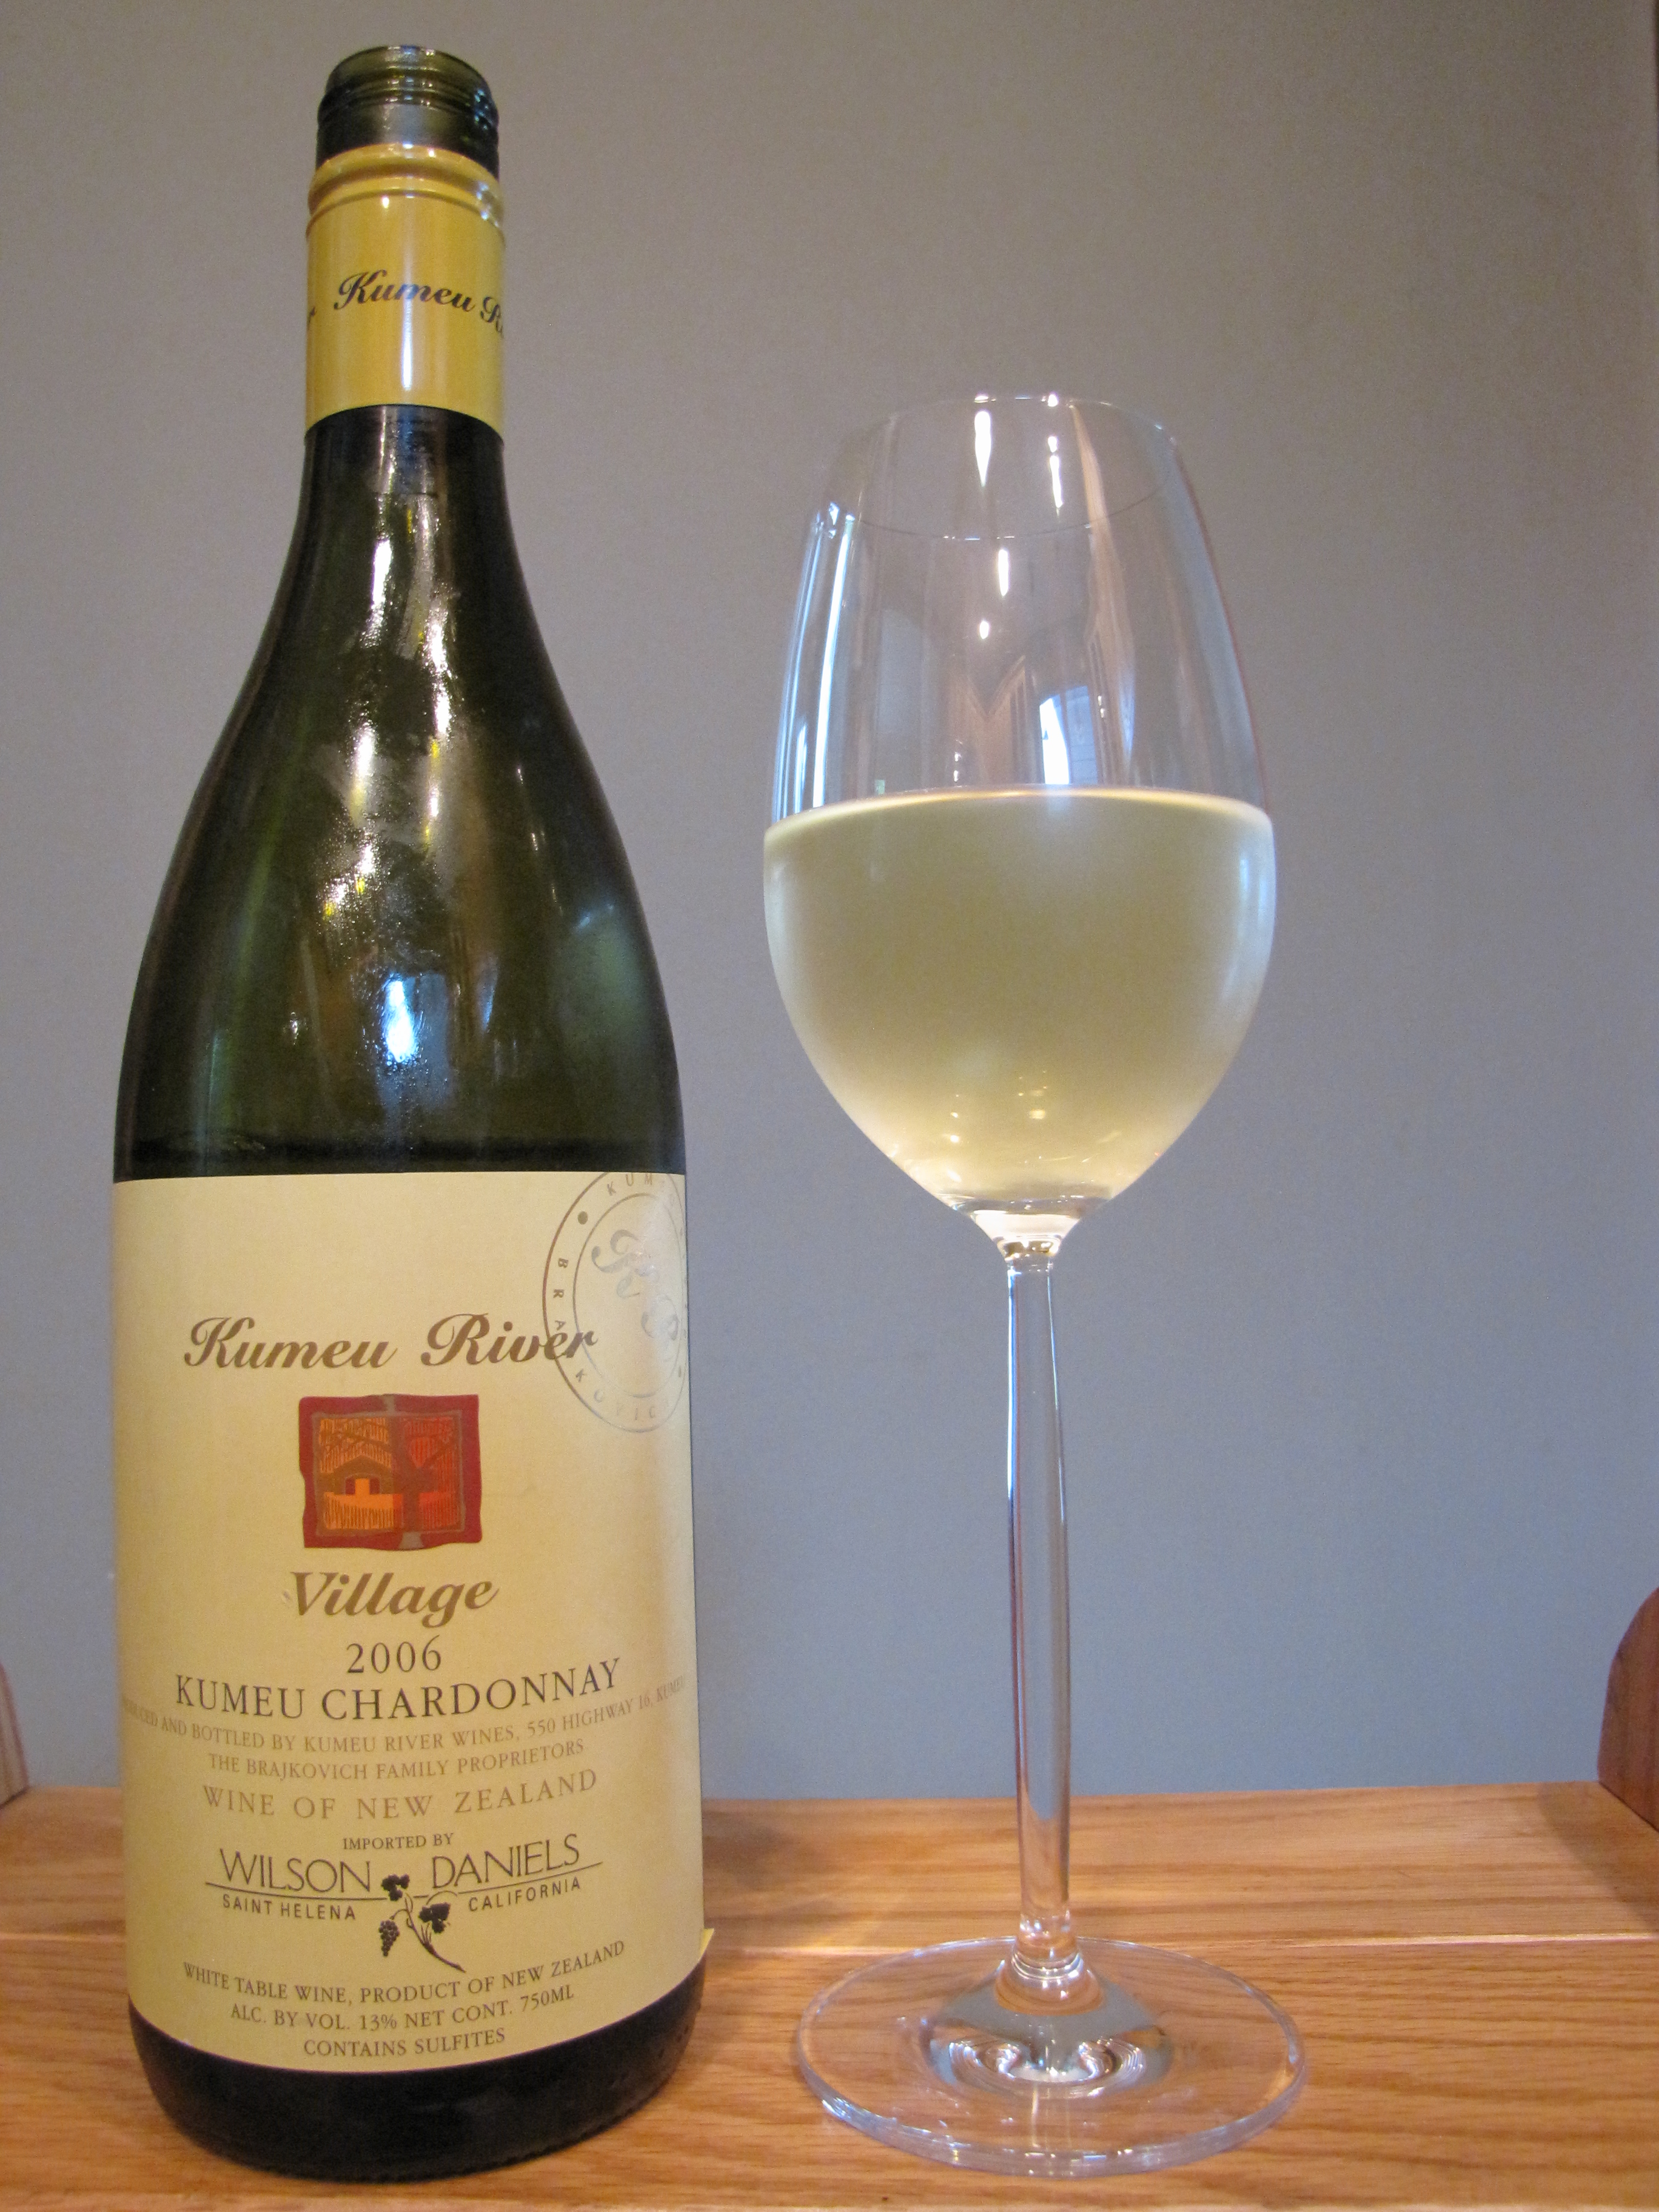 Kumeu River Village Chardonnay (2006)